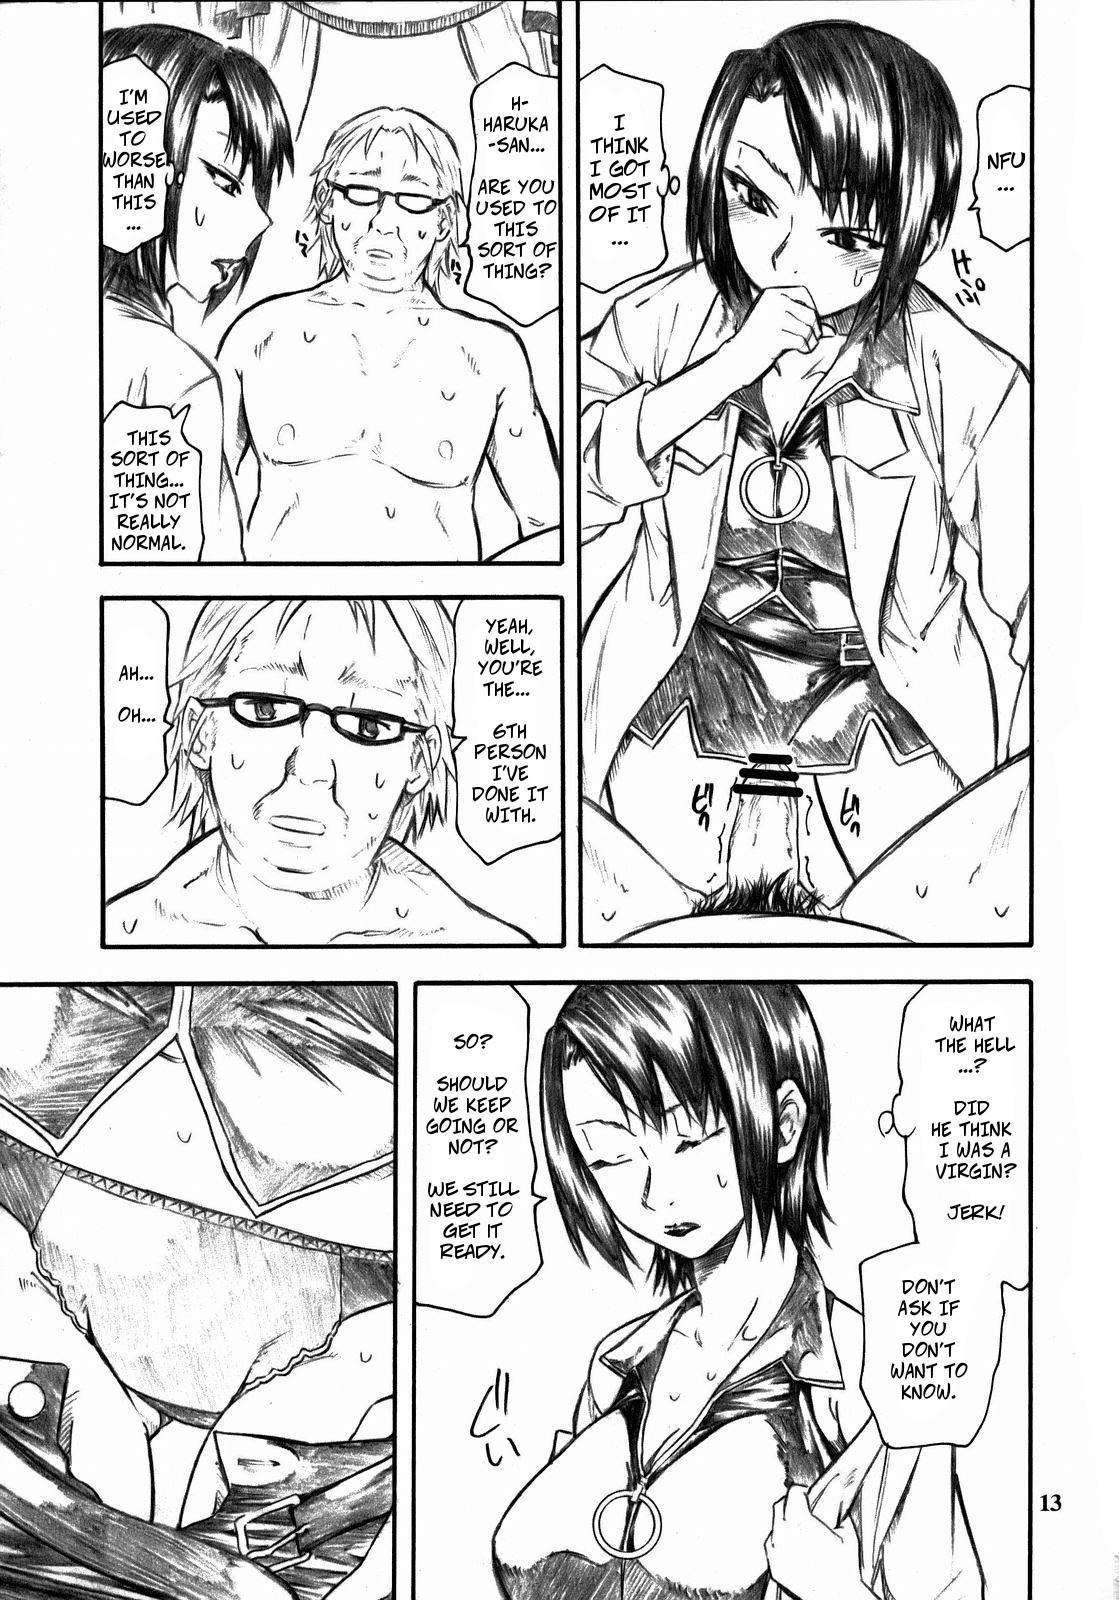 (C73) [TTT (Miharu)] Haruka-san ga Unzari Shinagara Shimasu. | Haruka-san is Fed Up. (Moyashimon) [English] [CopyOf] 11